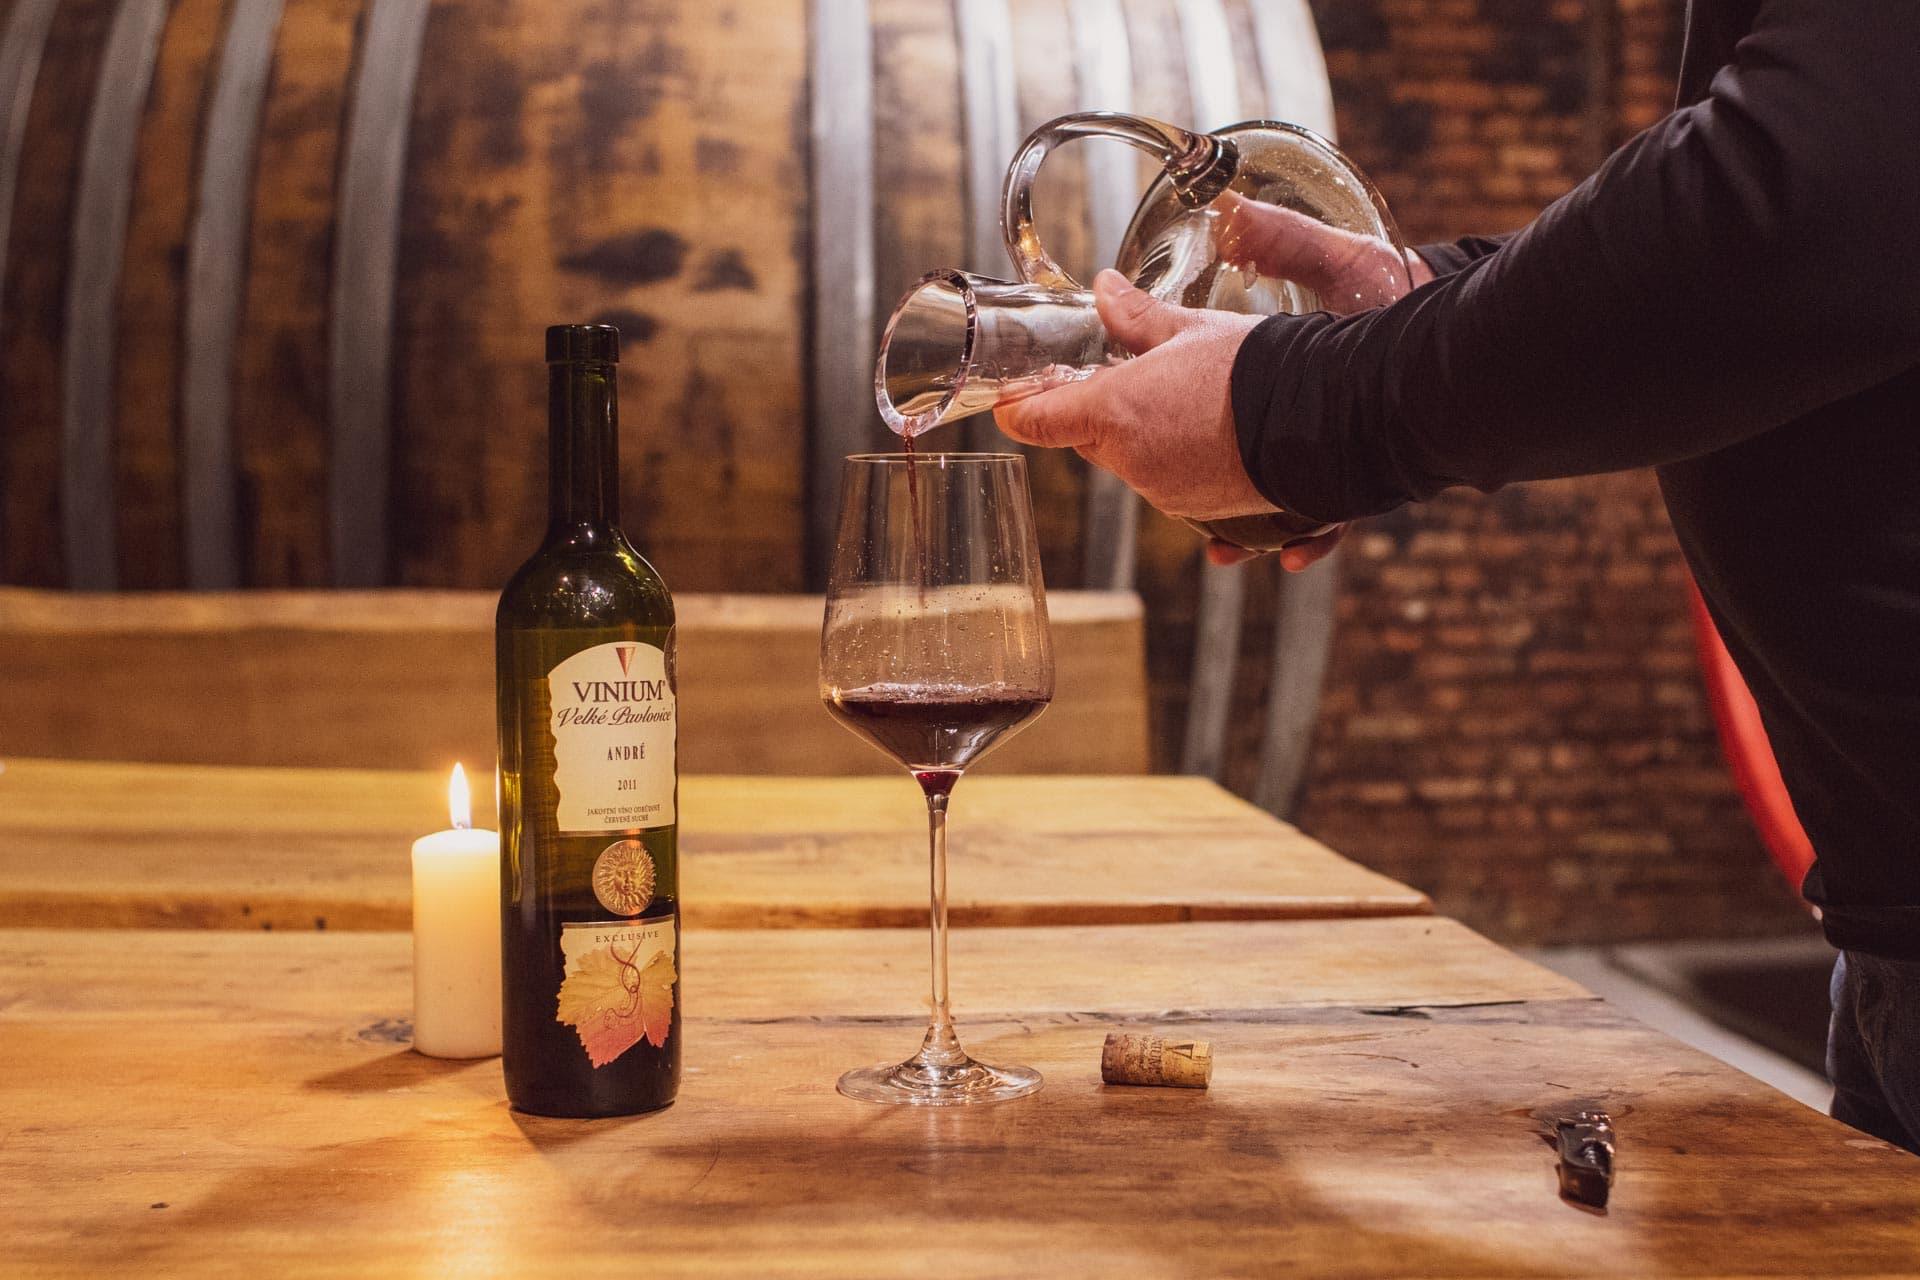 Foto ke článku 5, dekantace vína, jak dekantovat víno, víno, VINIUM